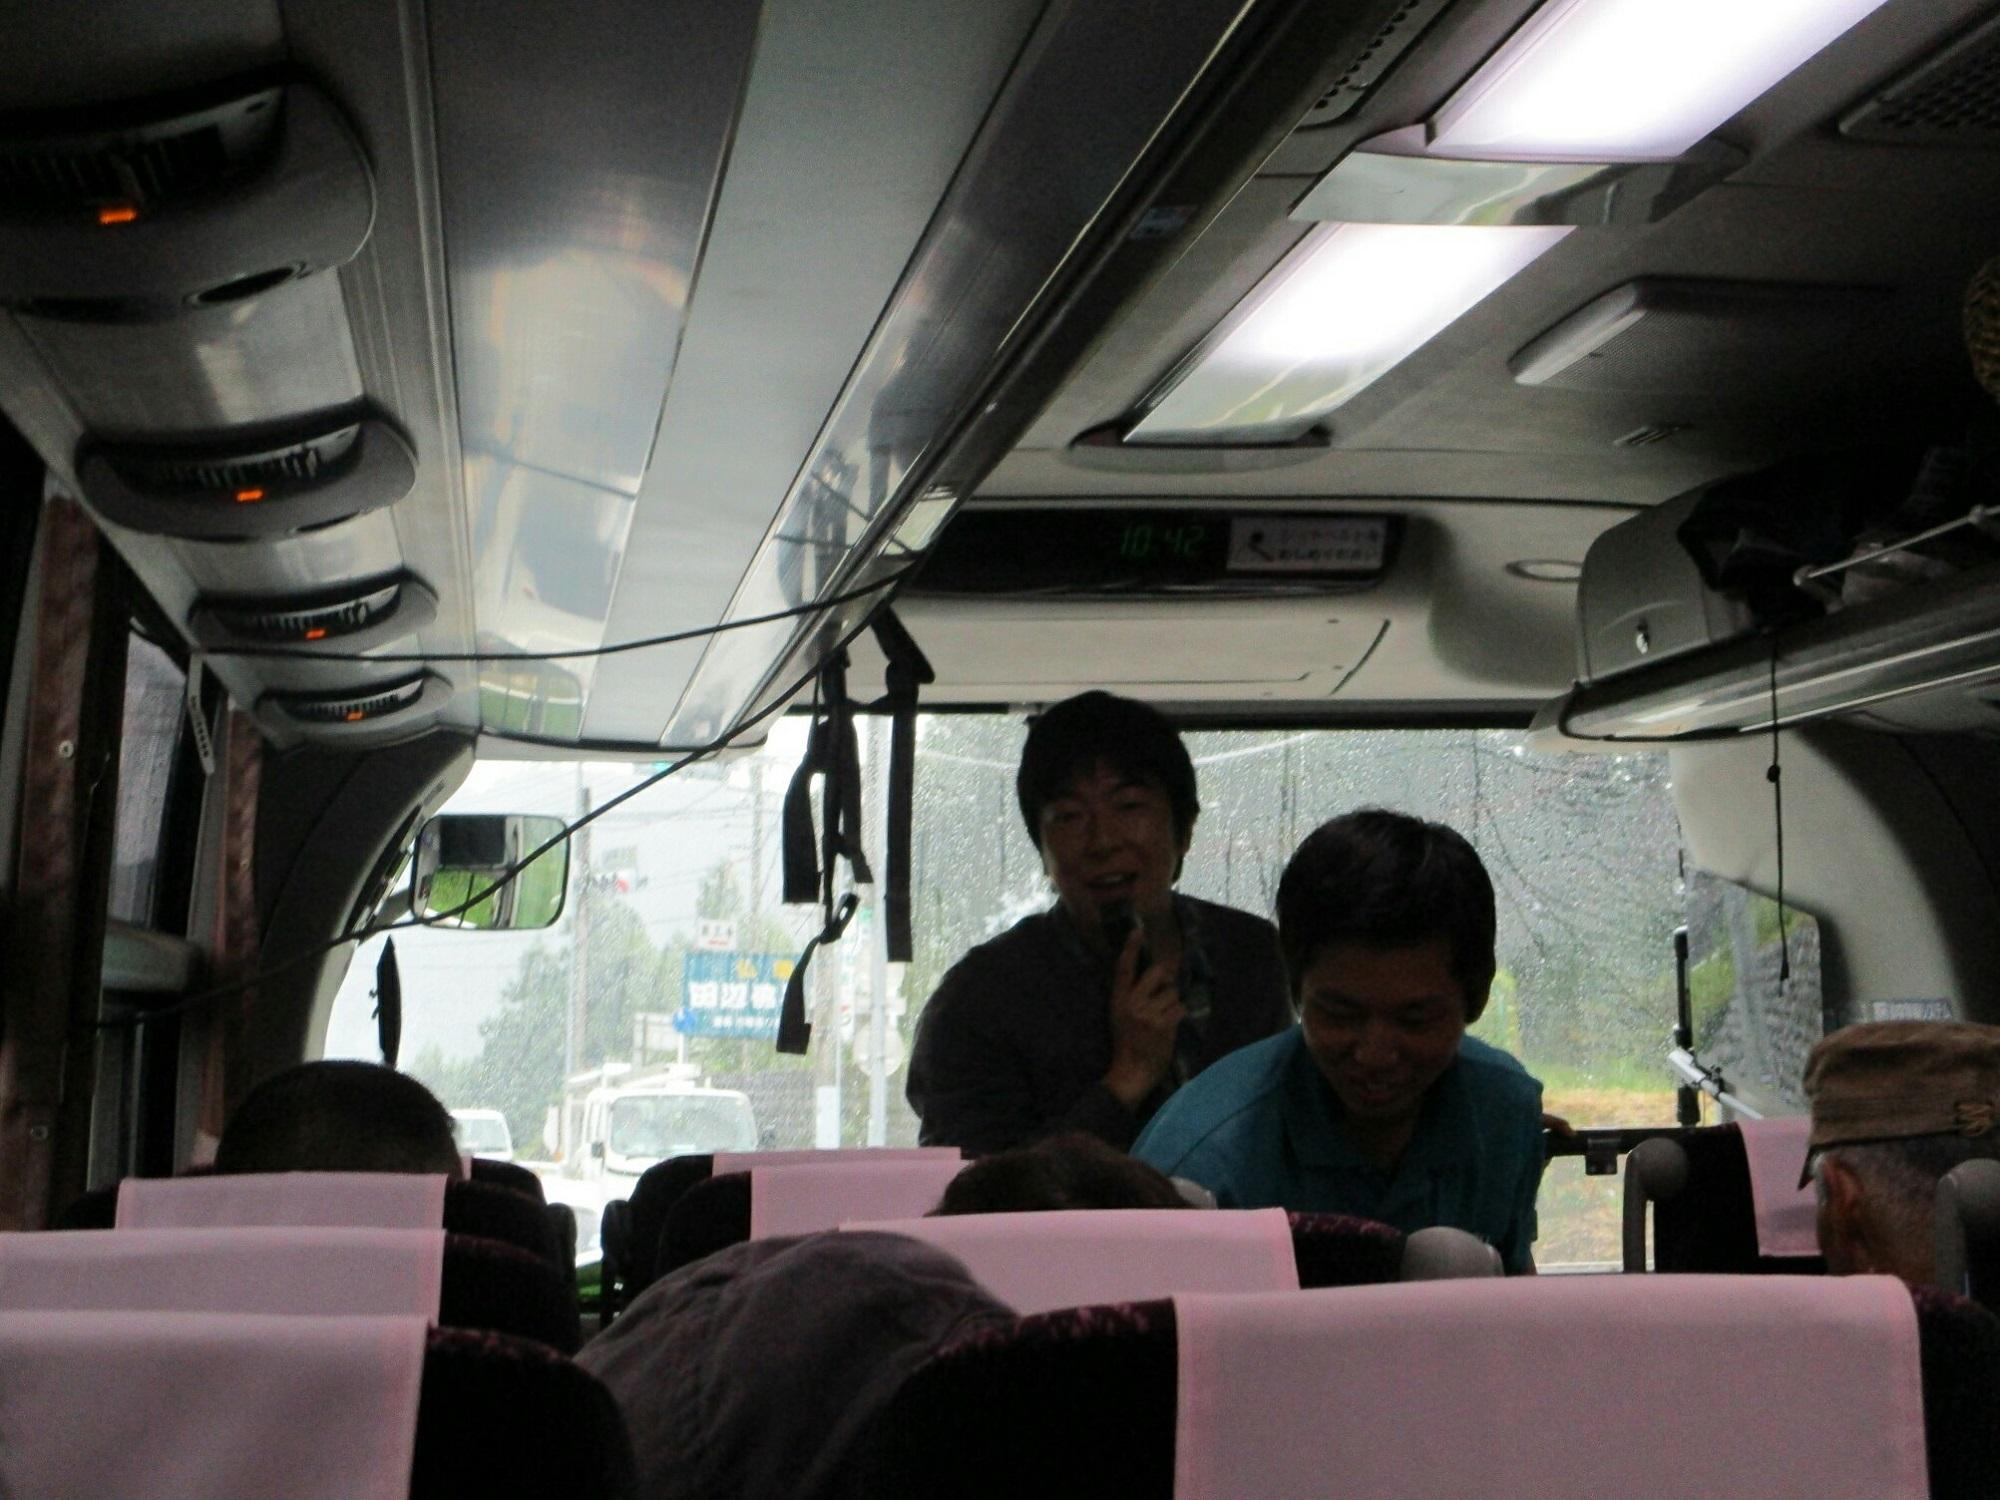 2018.9.20 (21) 豊鉄バス - こんたく長篠(石井さん) 2000-1500